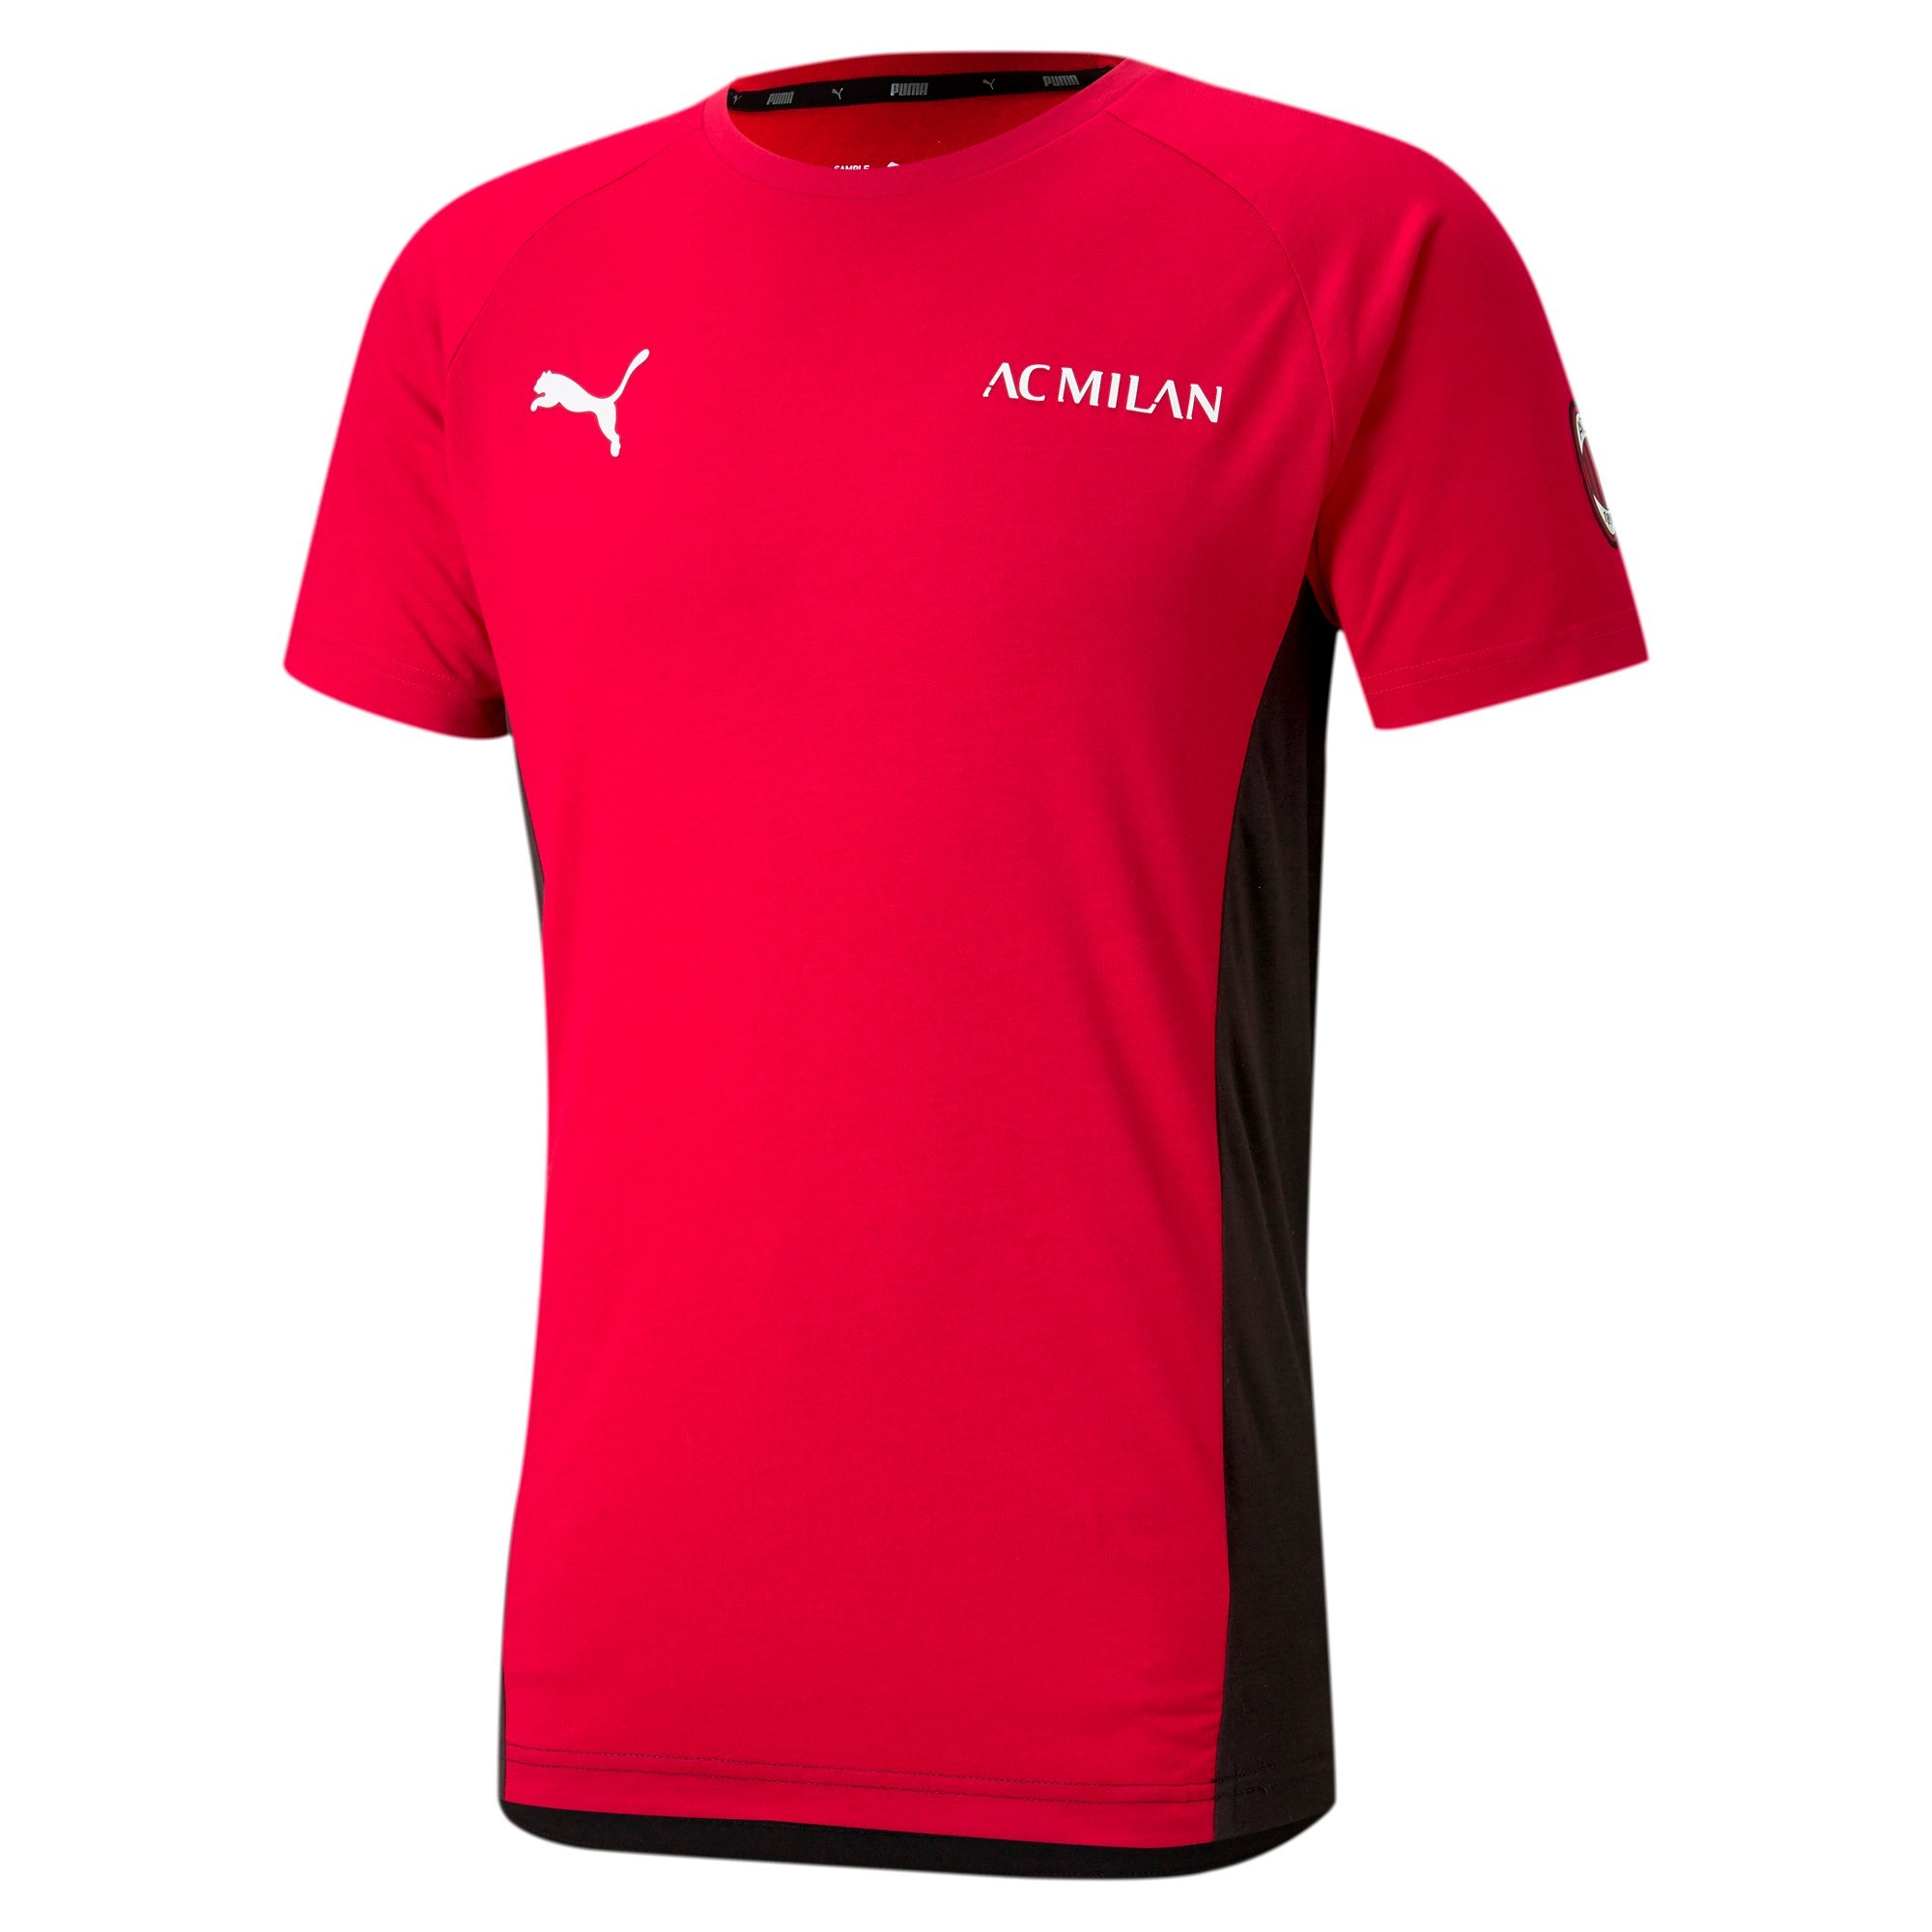 Ac Milan Puma Maglia Maglietta T-Shirt UOMO DryCell Rosso Evostripe Tee 2021 0